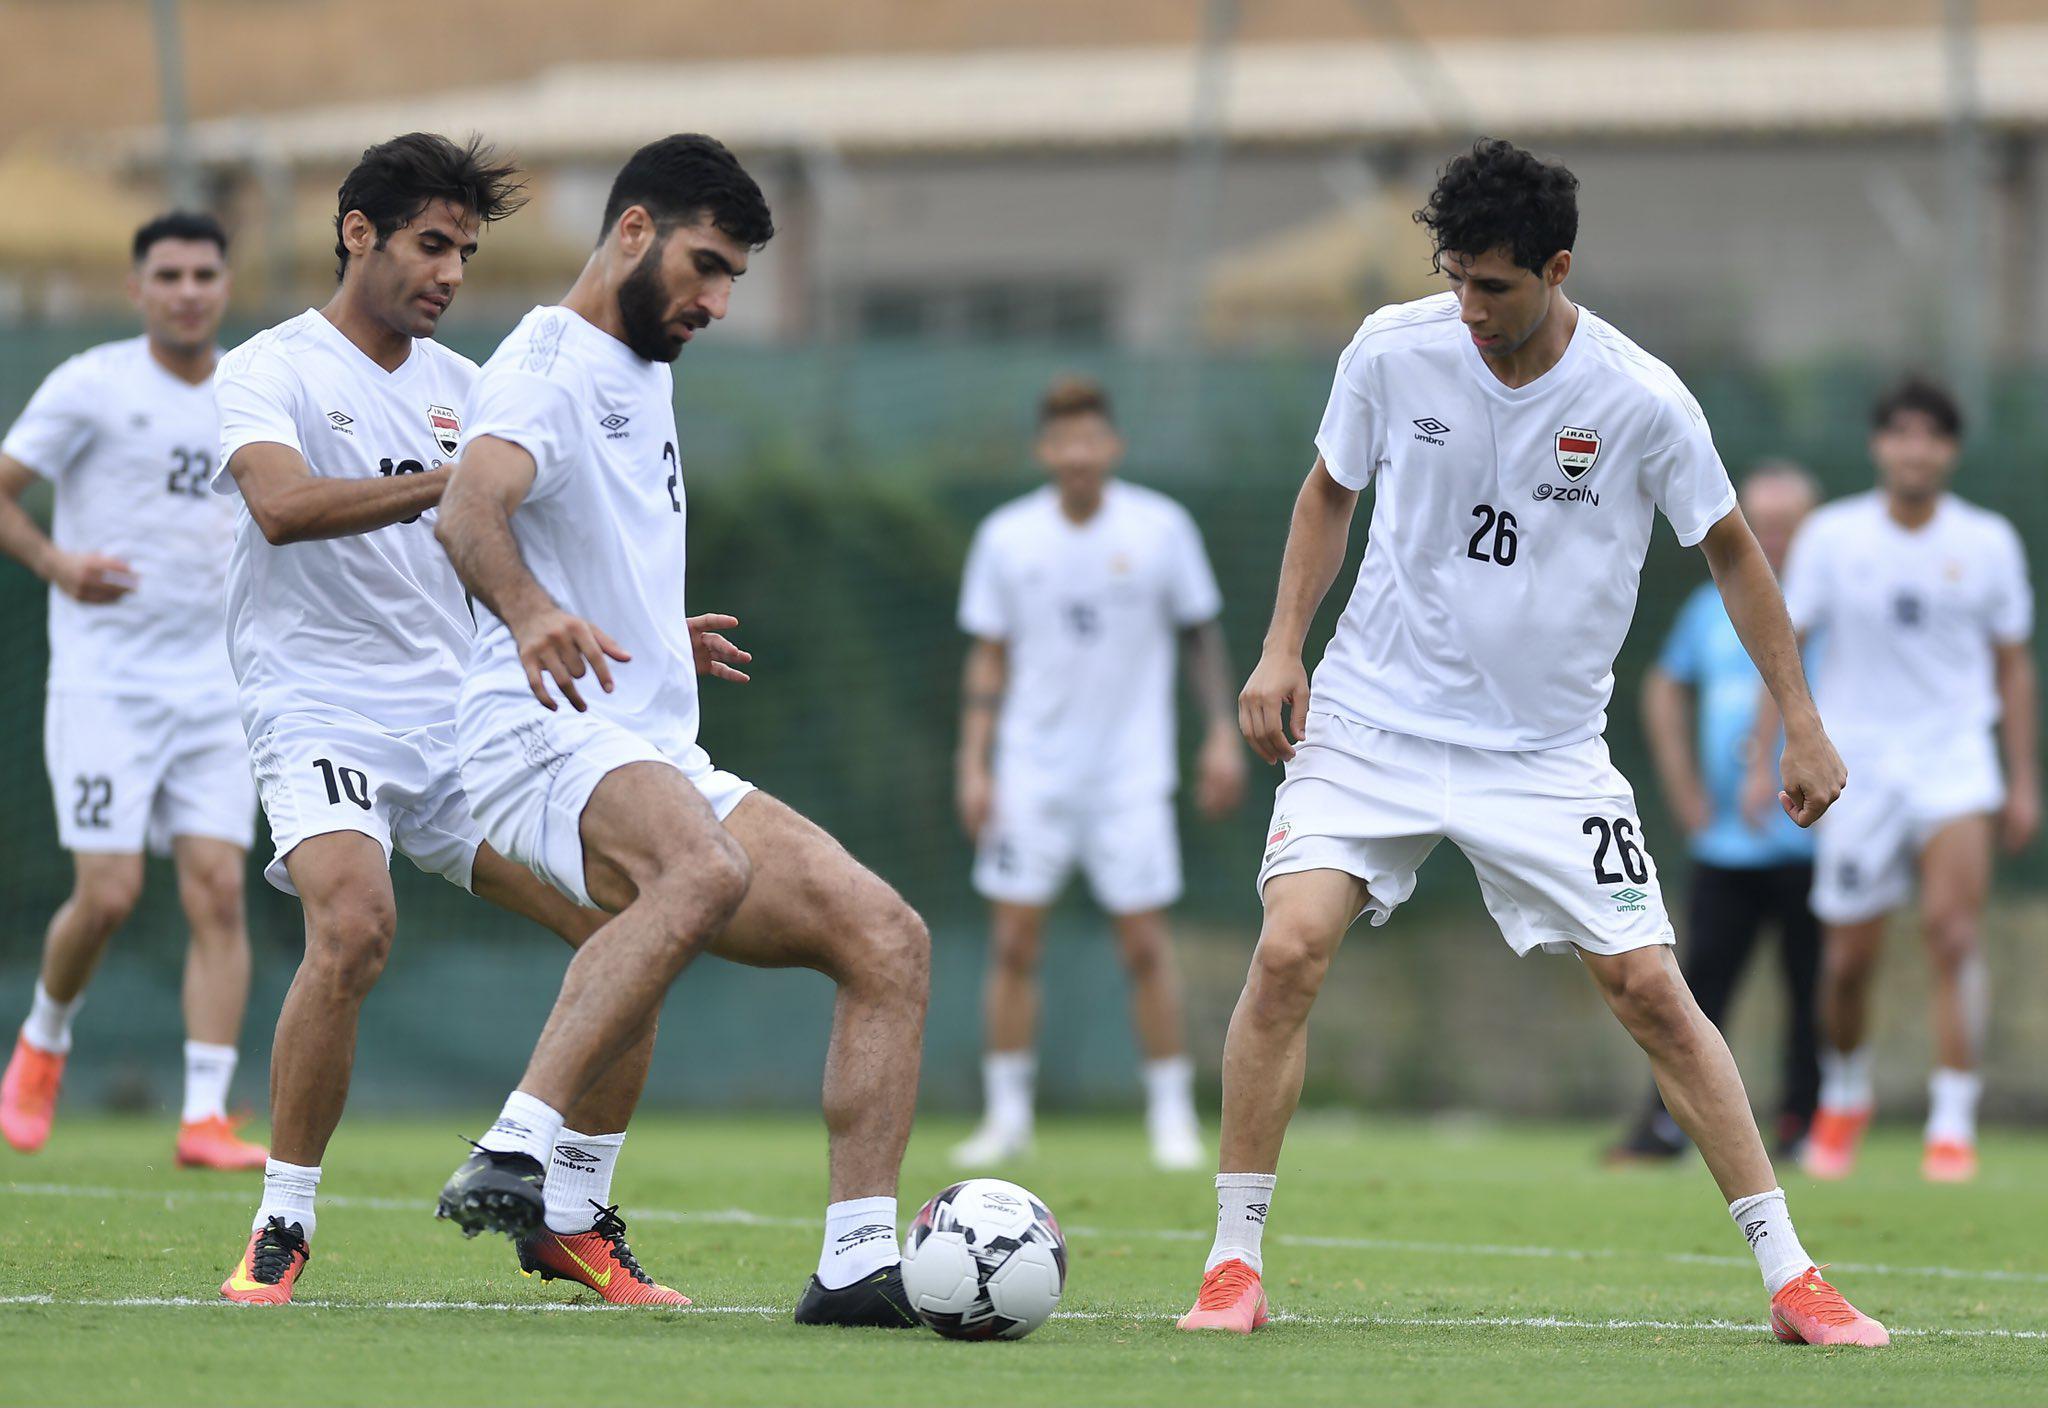 Irak A Milli Futbol Takımı, kamp için Kayseriye geldi